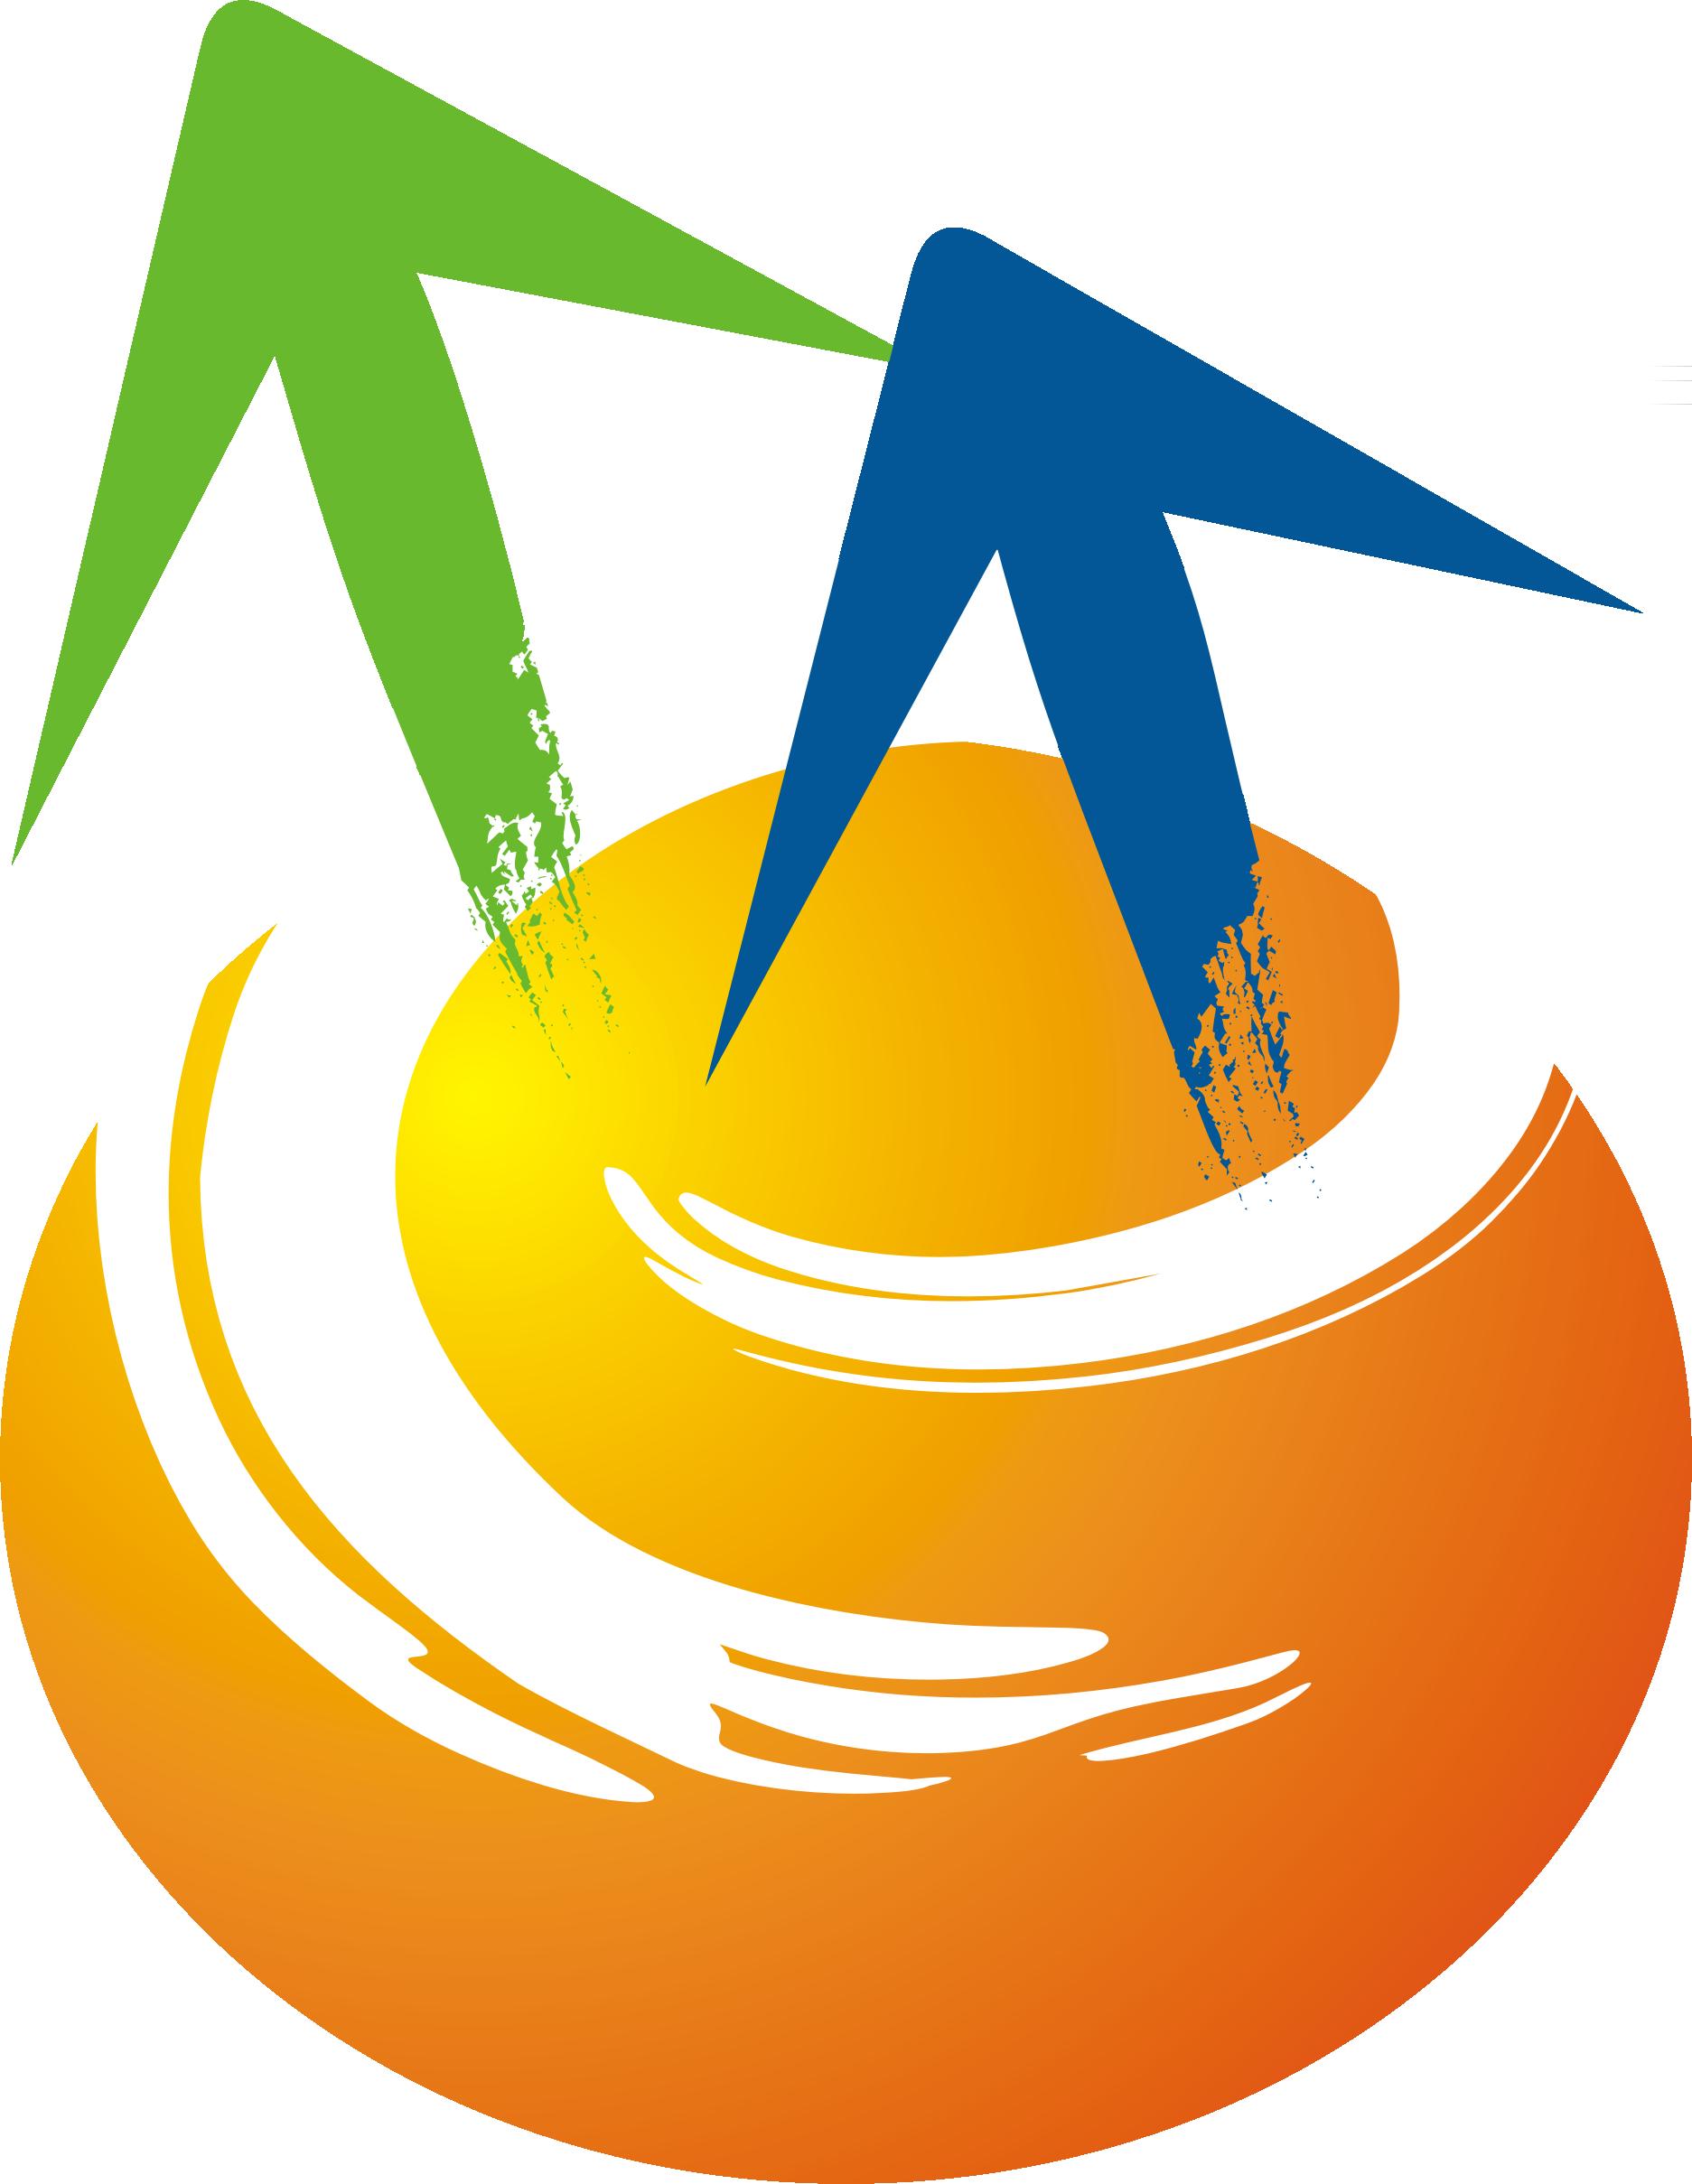 所徽Logo--中間有白色e字